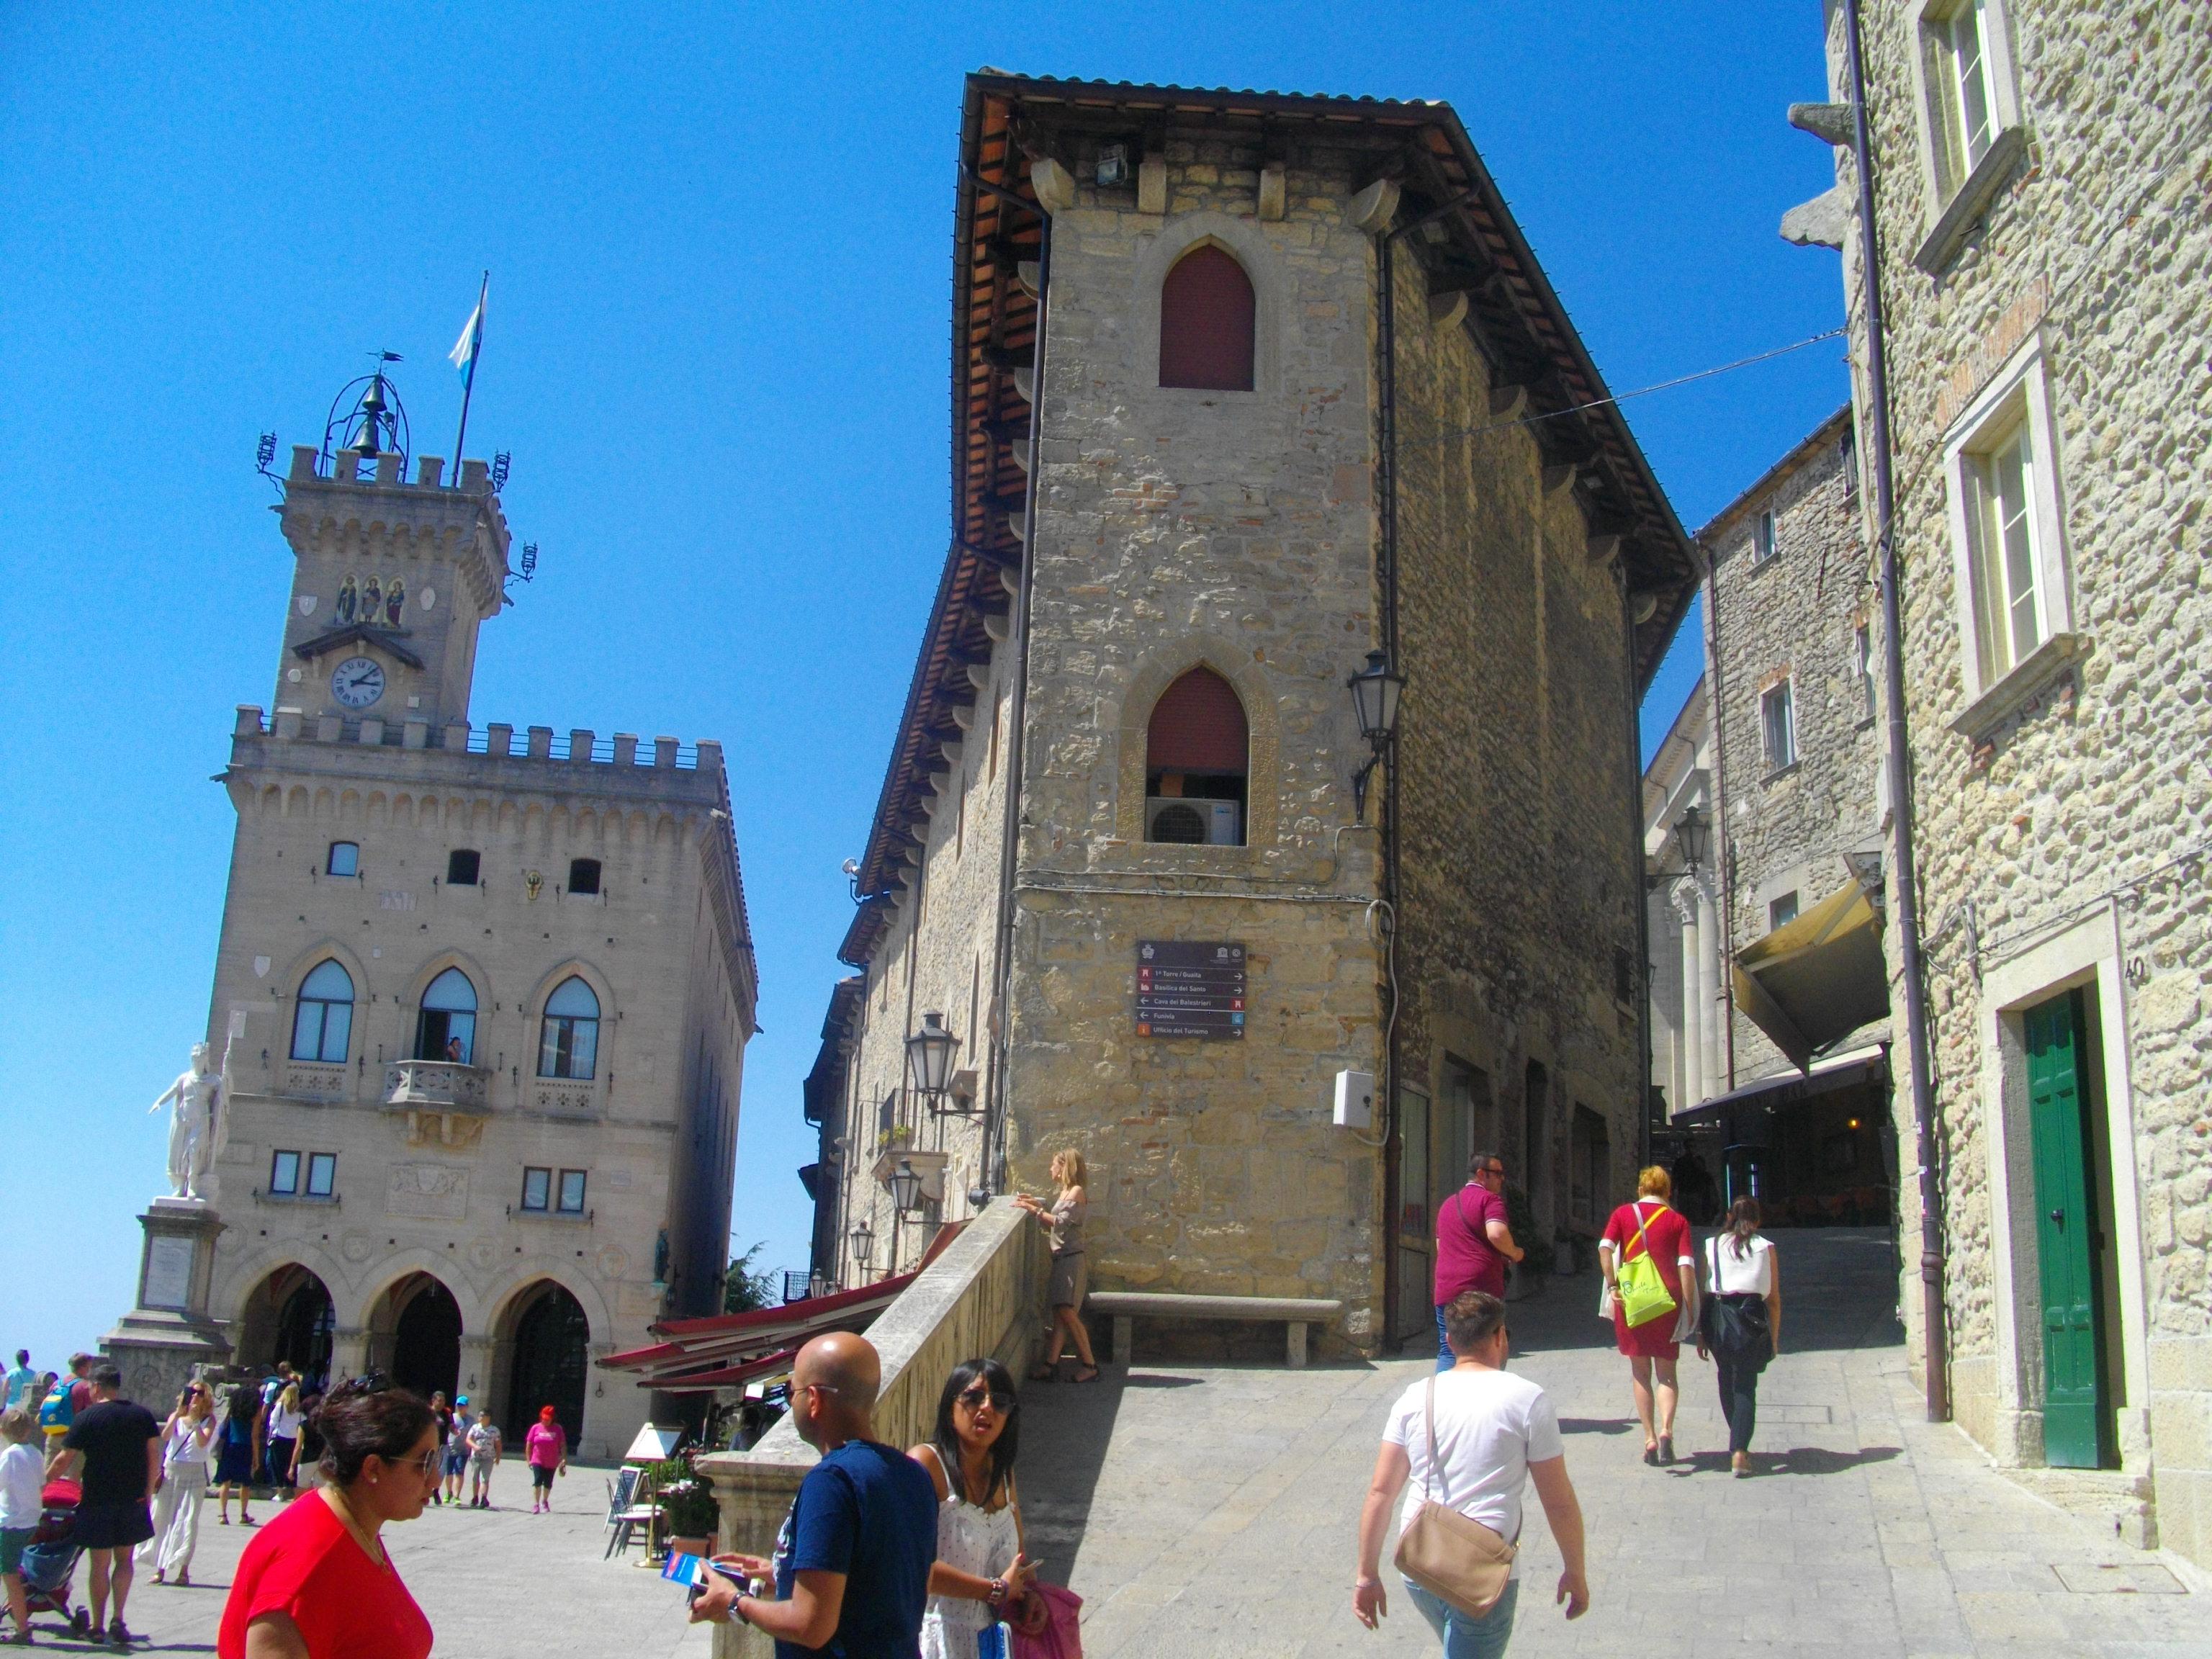 Mein Schiff Ausflugsziel: Der Zwergstaat San Marino südlich von Ravenna